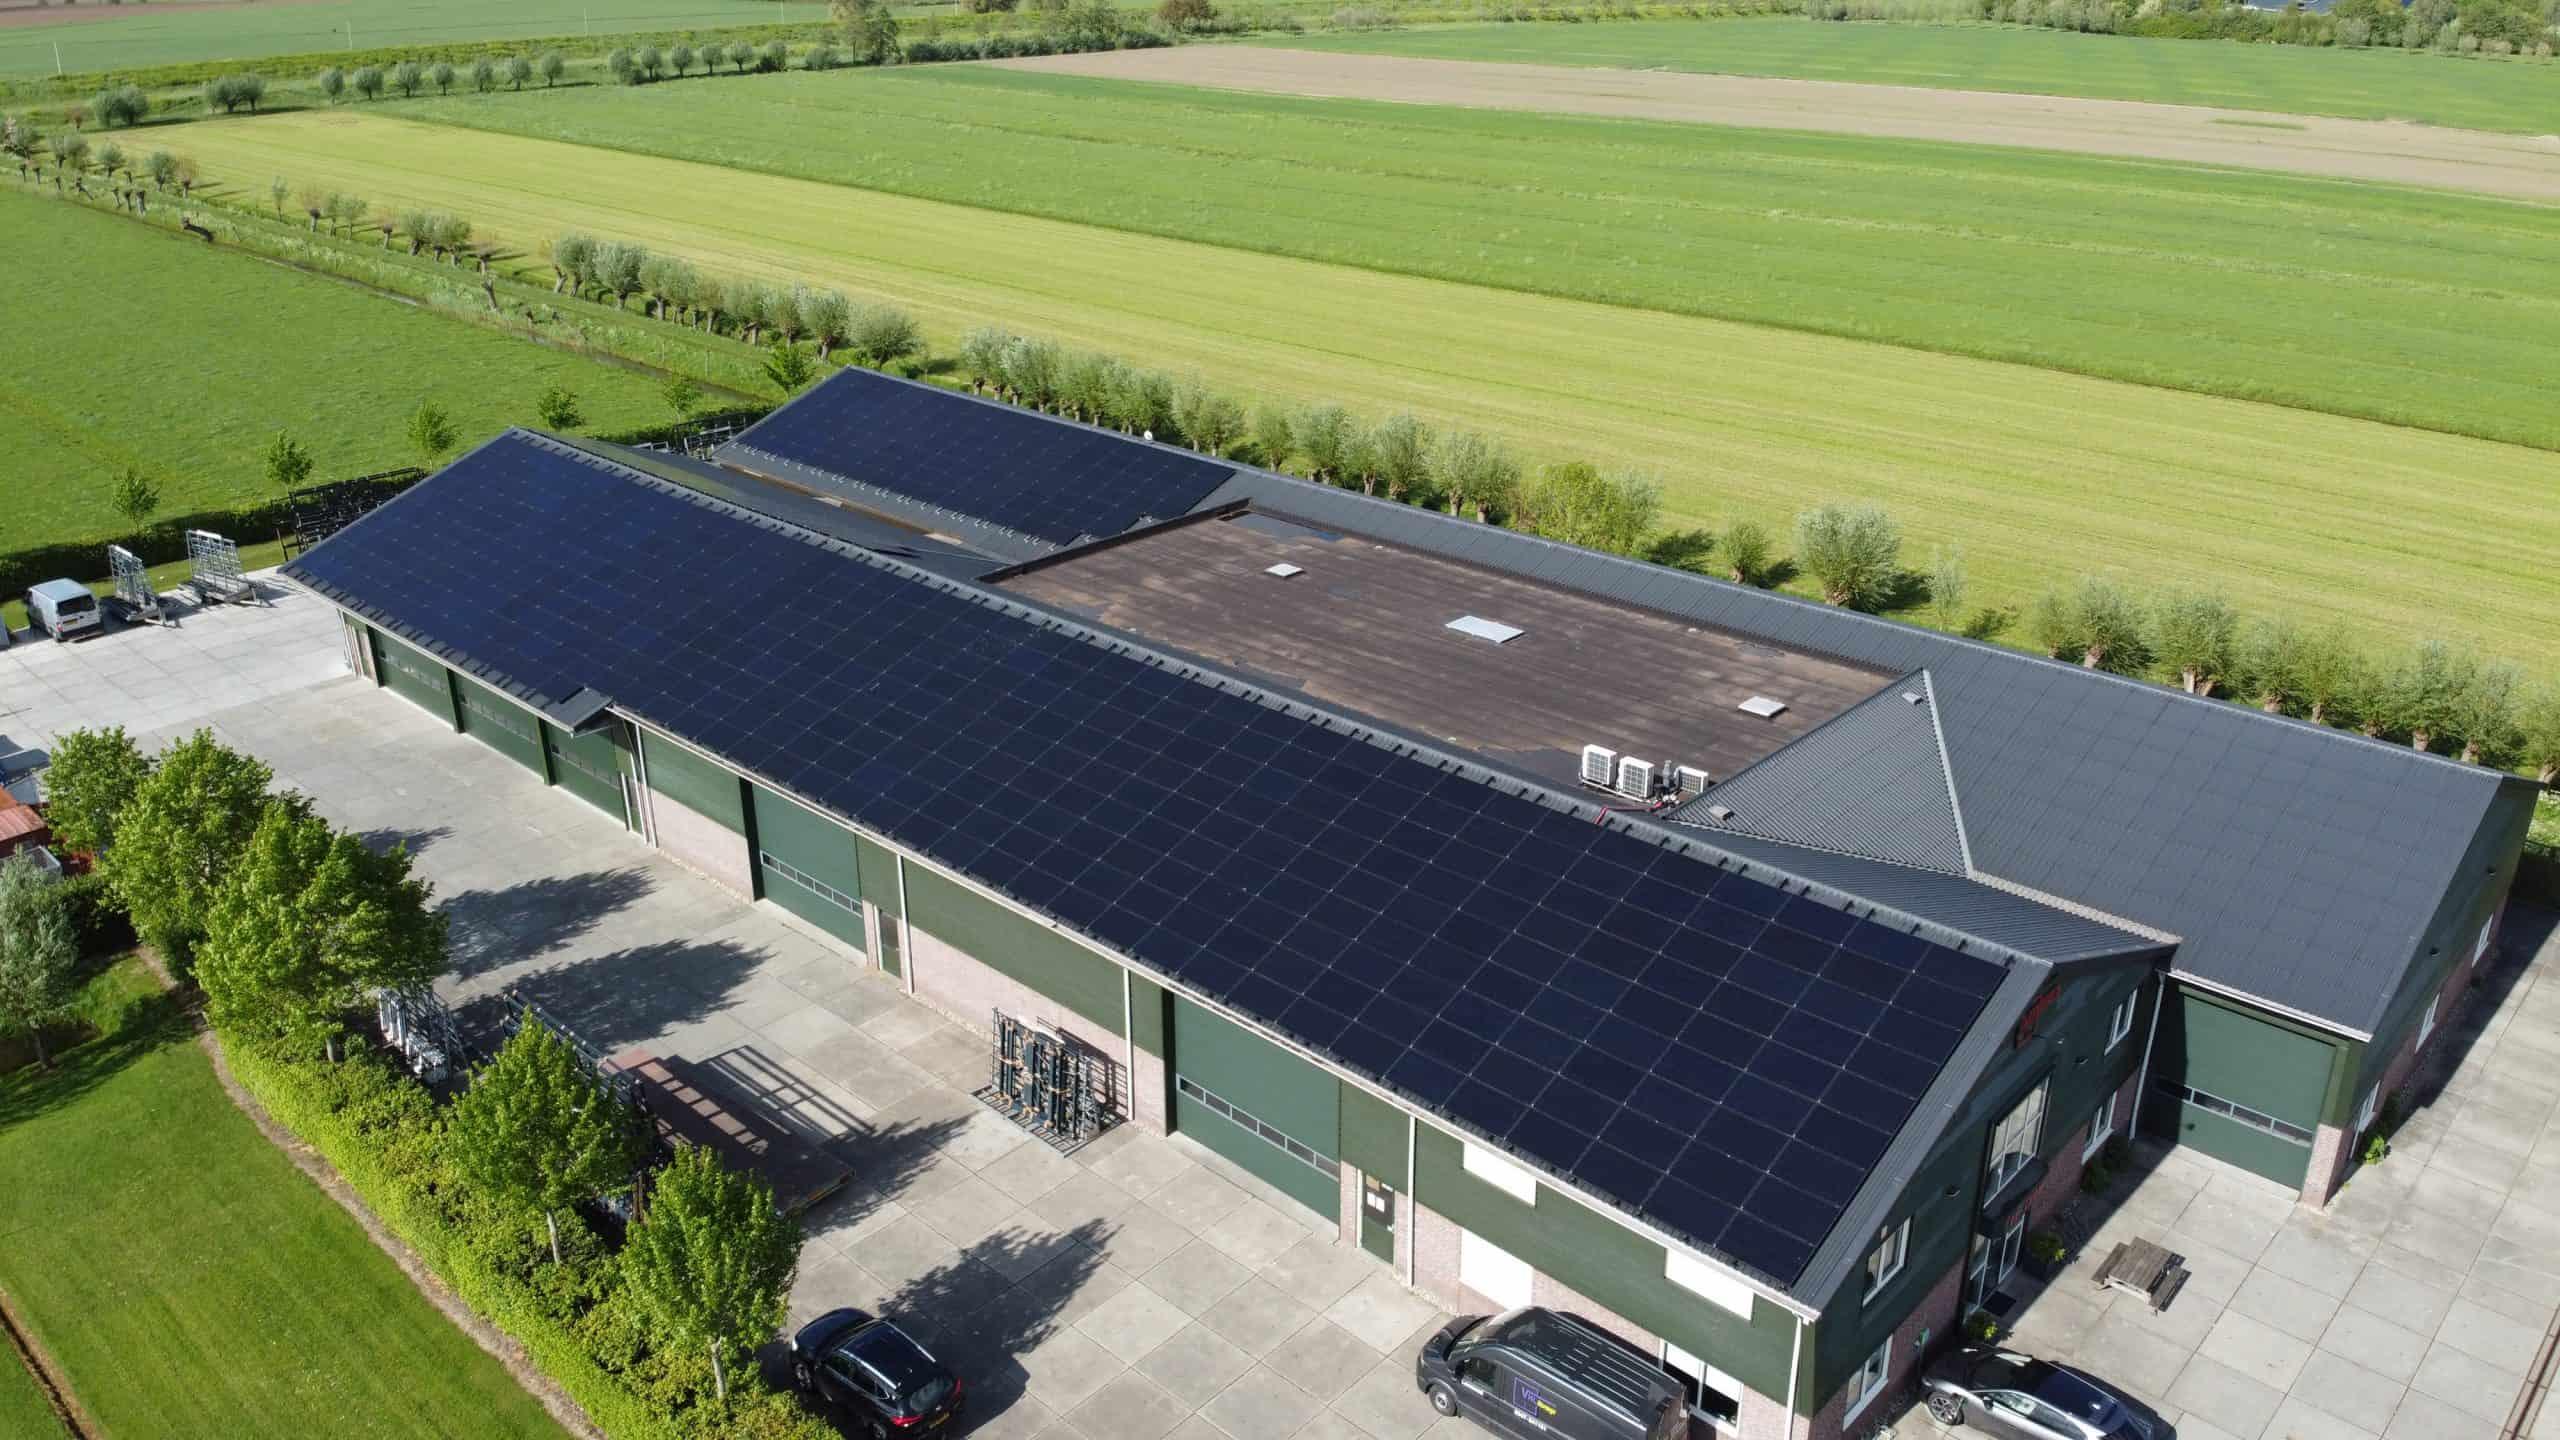 SolarOplossing